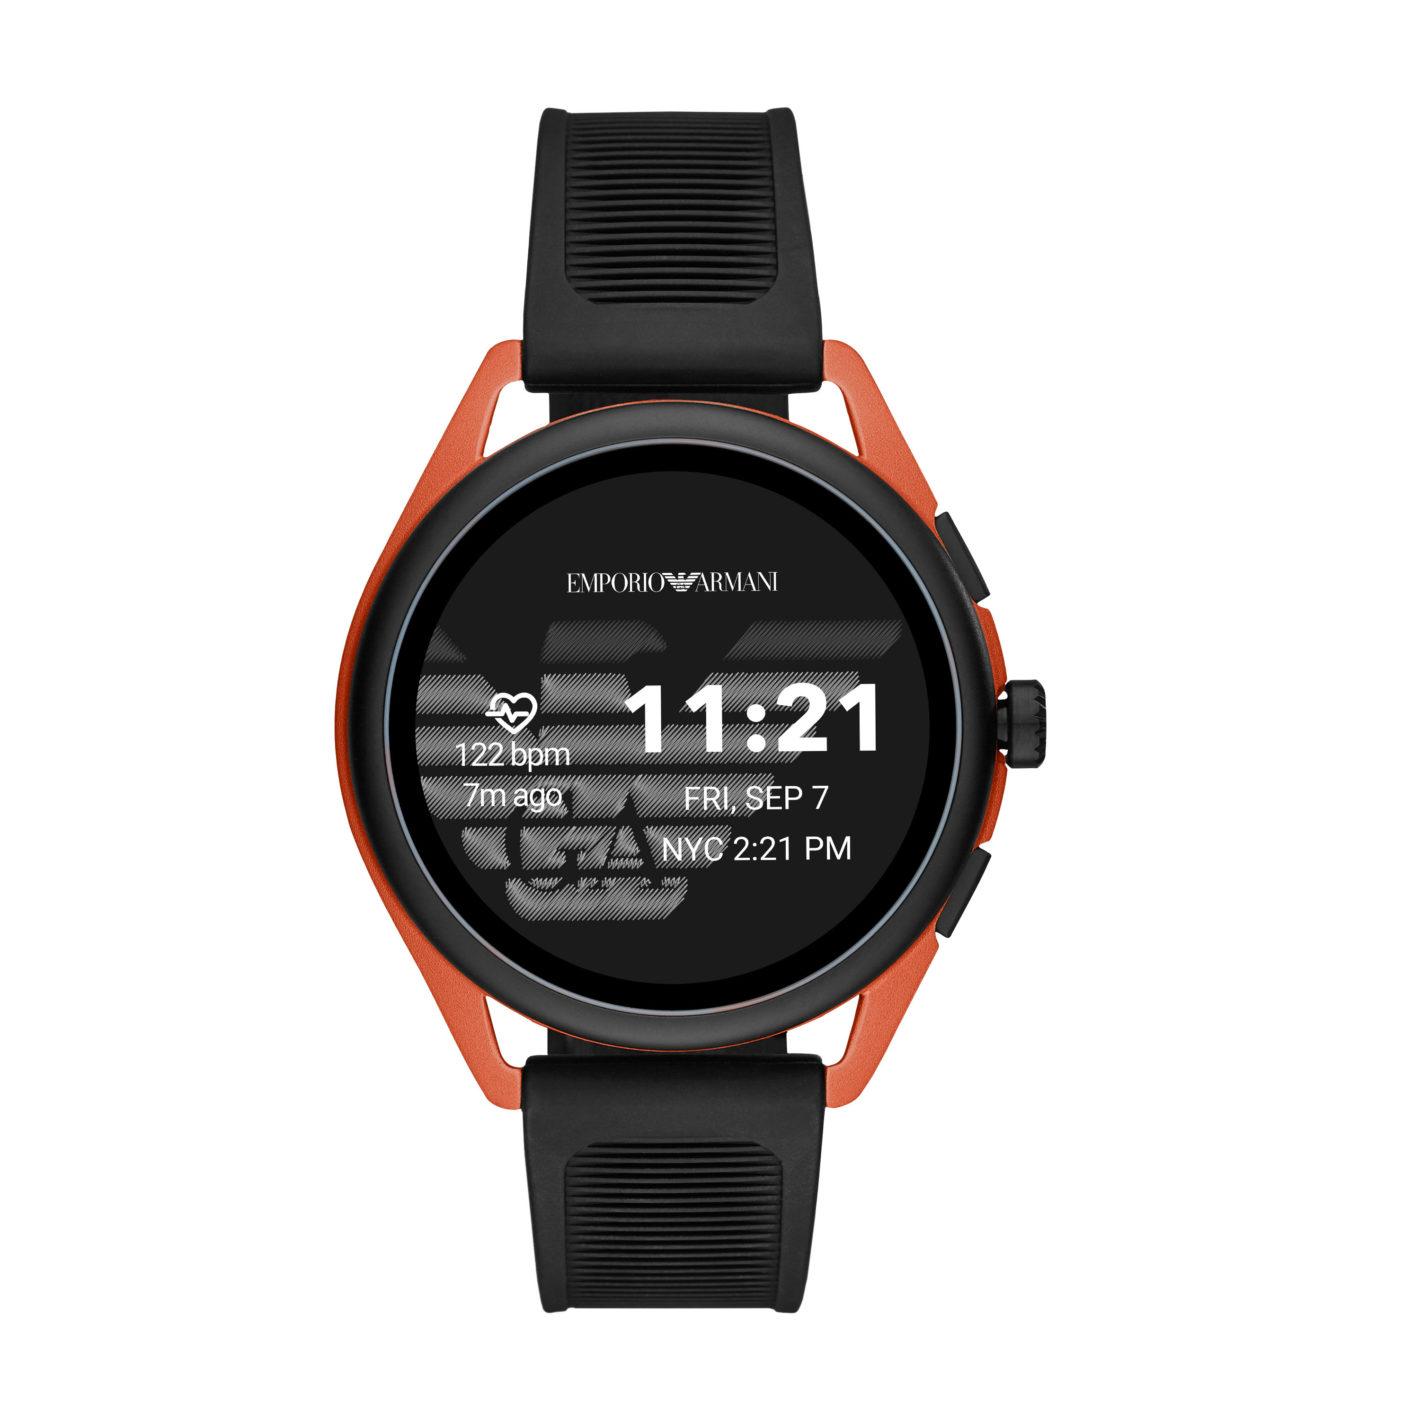 Emporio Armani Connected Smartwatch 3 5